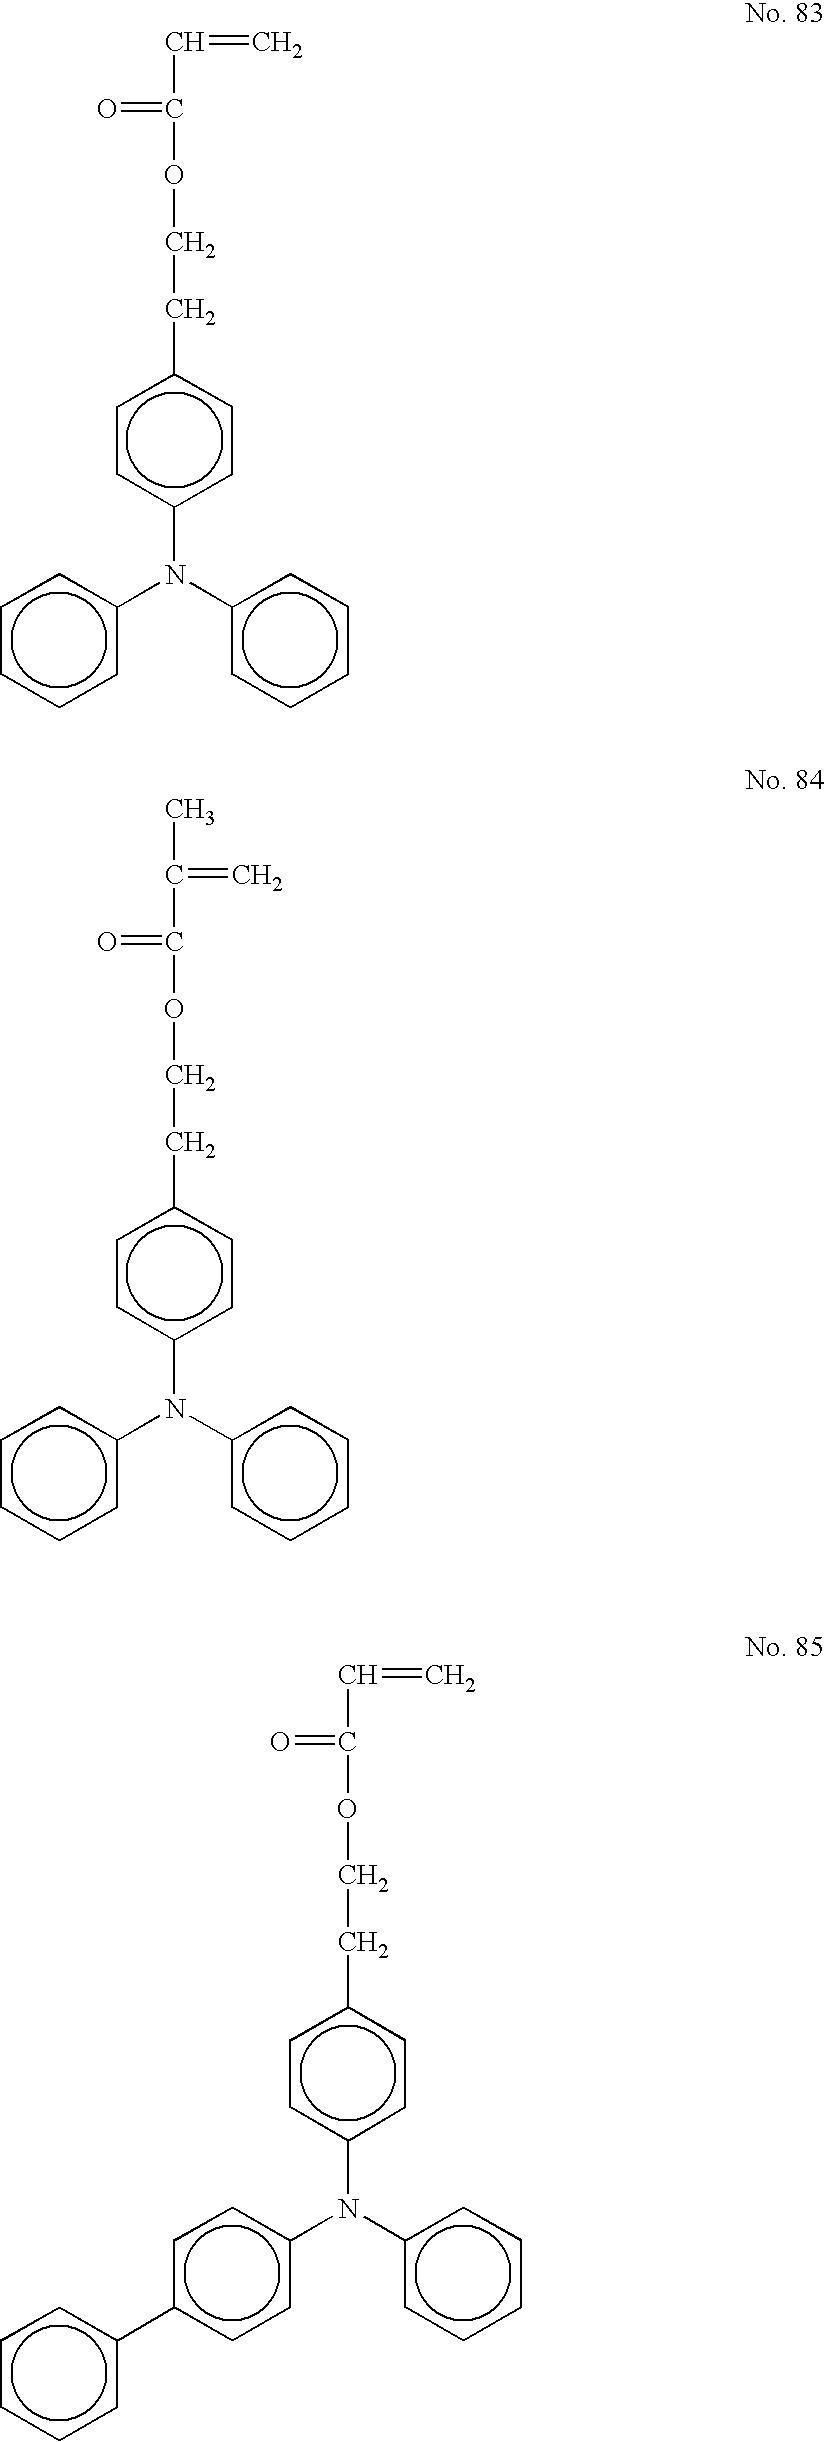 Figure US20100209842A1-20100819-C00030